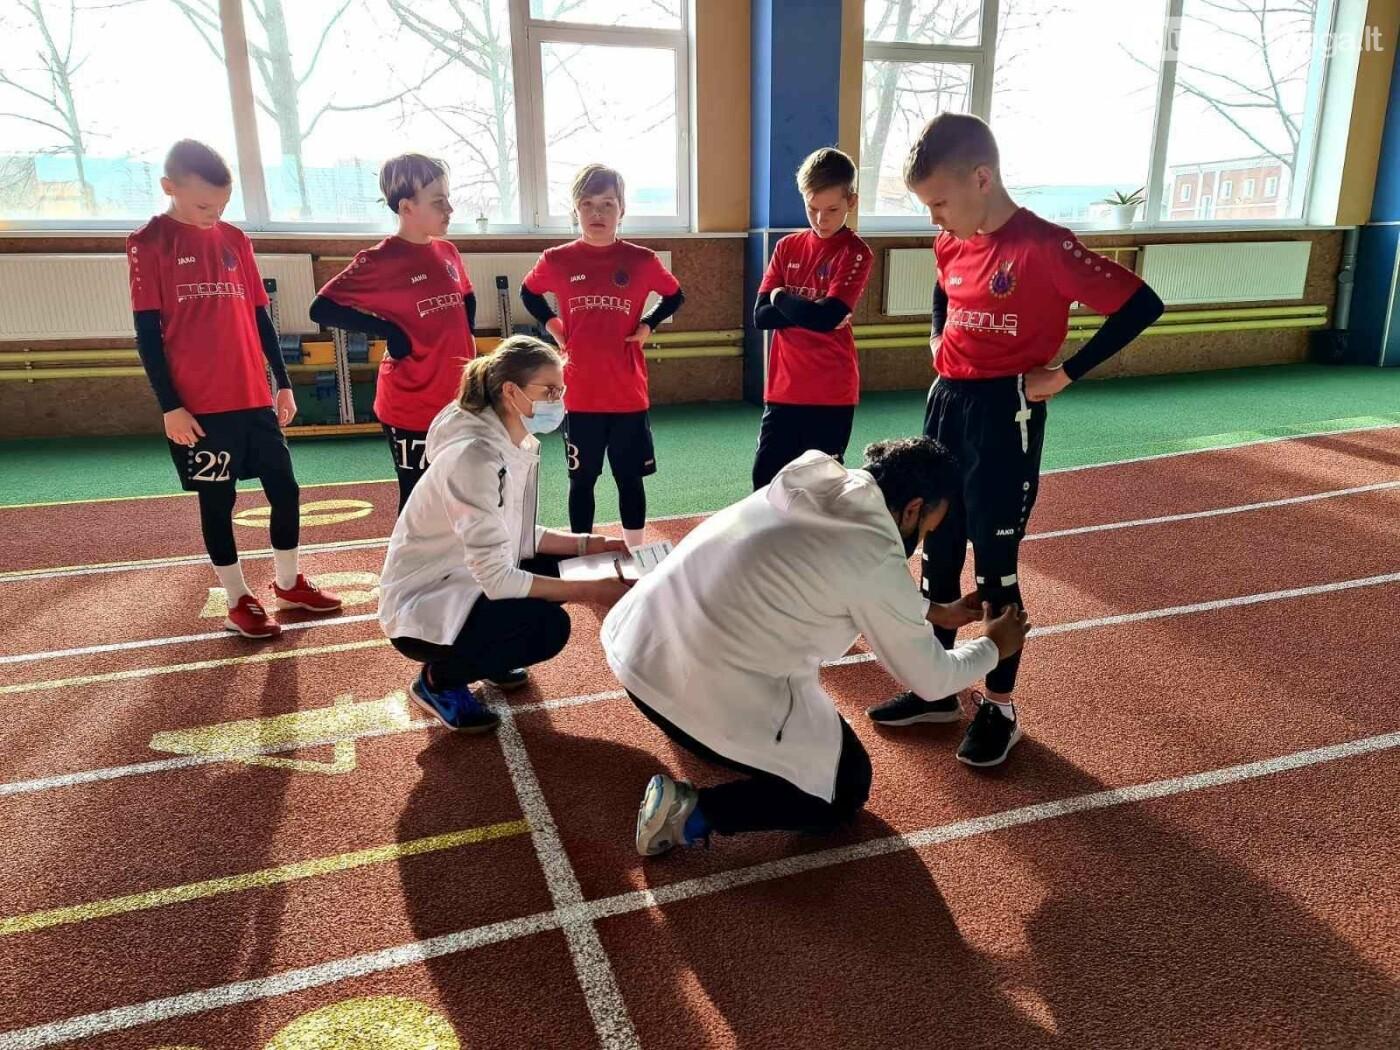 """Futbolo akademija """"Gintaras"""" pradeda bendradarbiavimą ir partnerystę su """"Dubey kineziterapija ir sportas"""" organizacija, nuotrauka-4"""